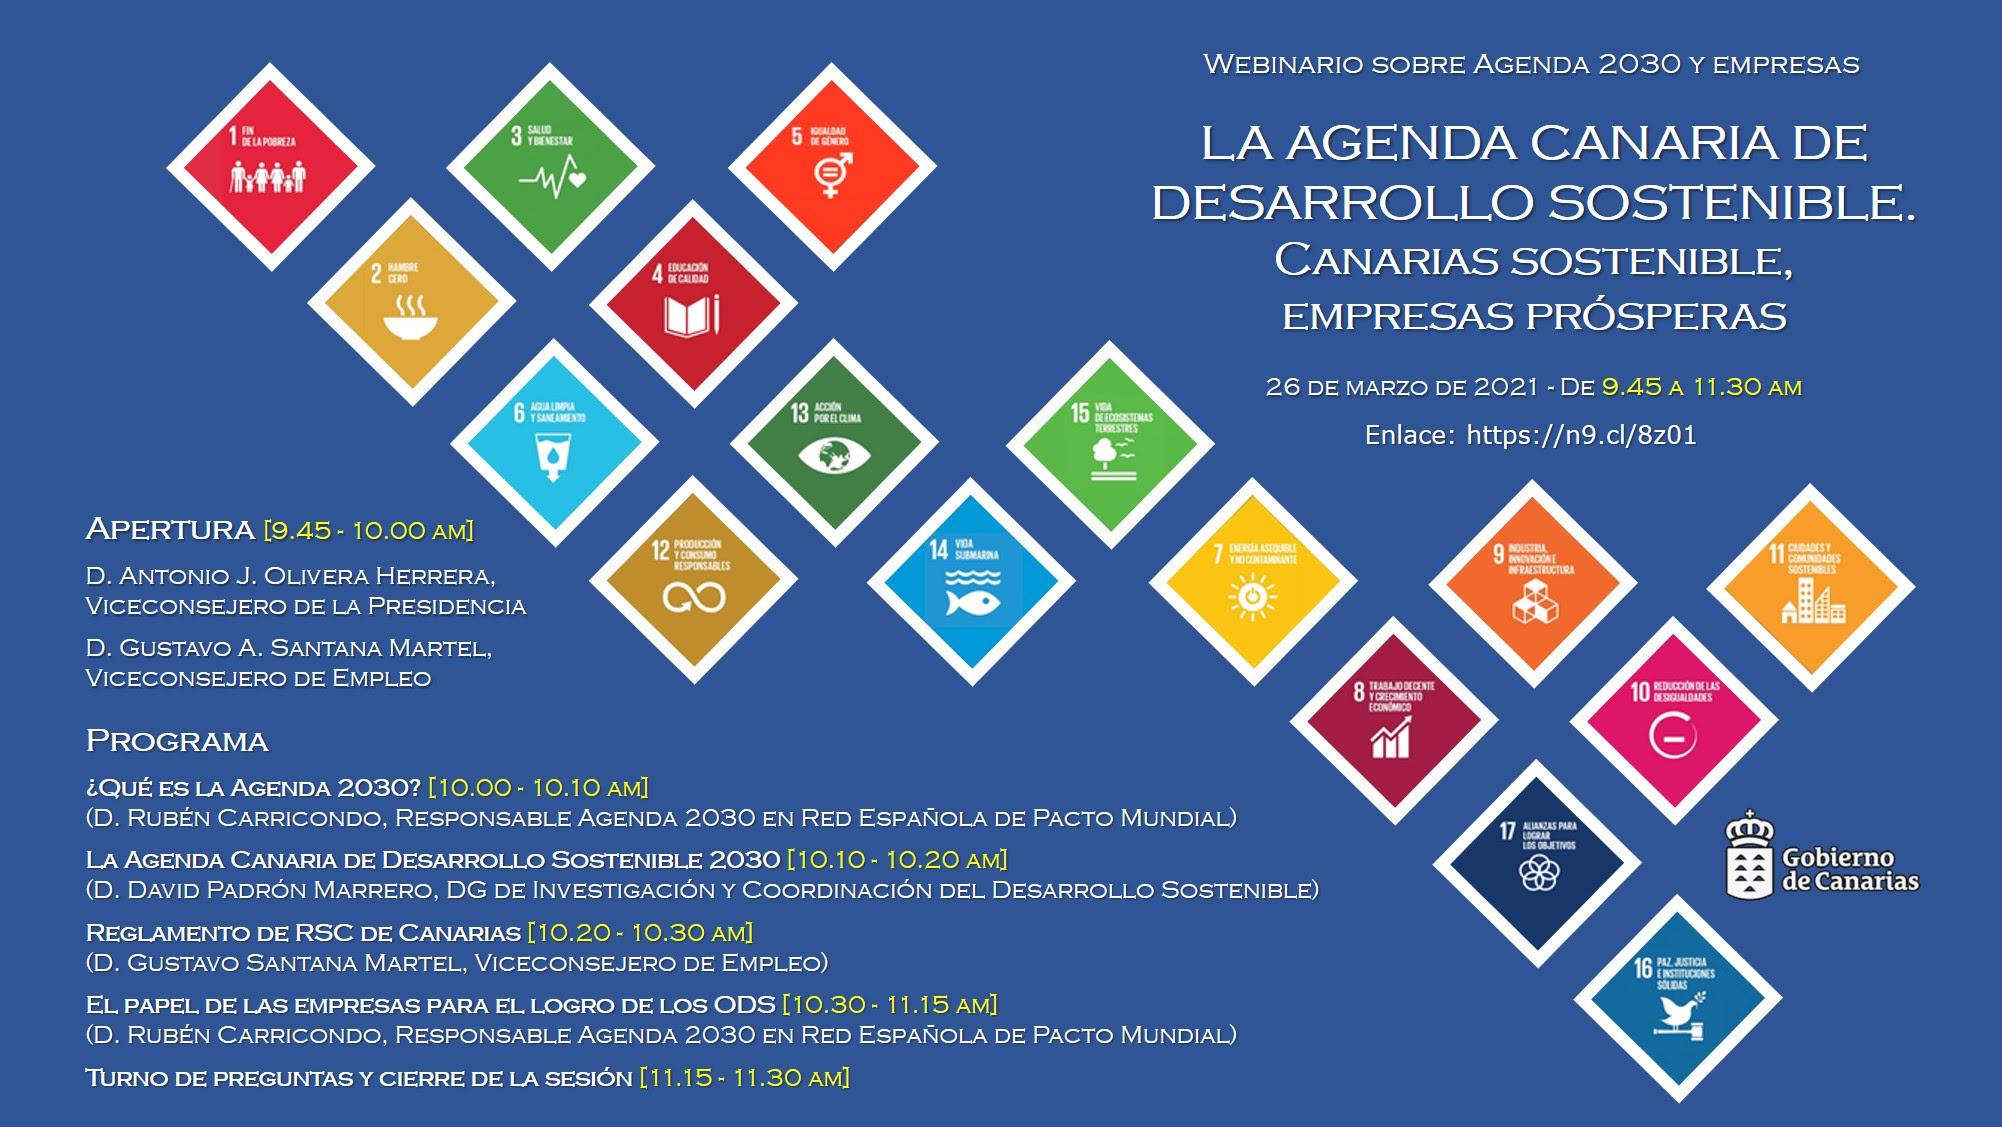 Agenda 2030 y empresas